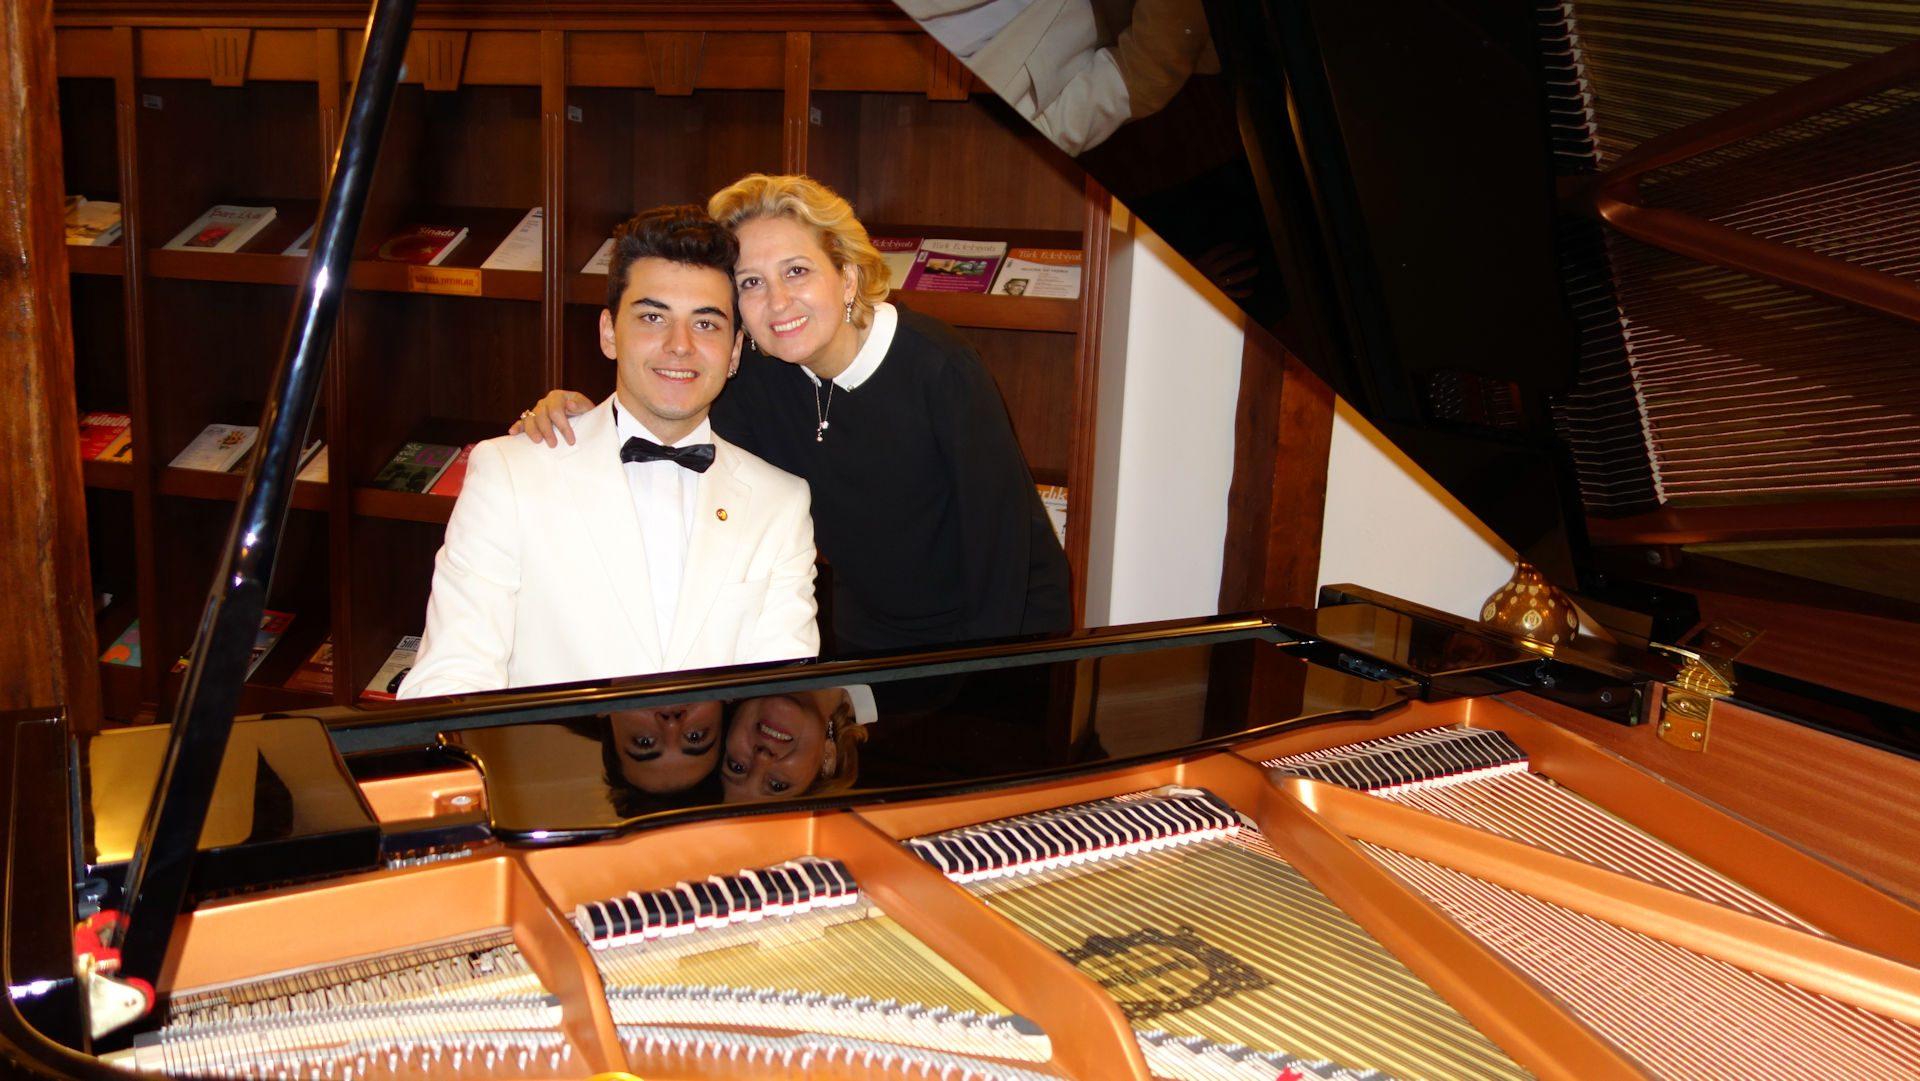 Güneş Yakartepe, Annes Ile. Piyano İle Türküler Şarkılar Konseri.Ödüllü Genç Piyanist, 15 Temmuz İçin 40 Şiir Beste Yazdı